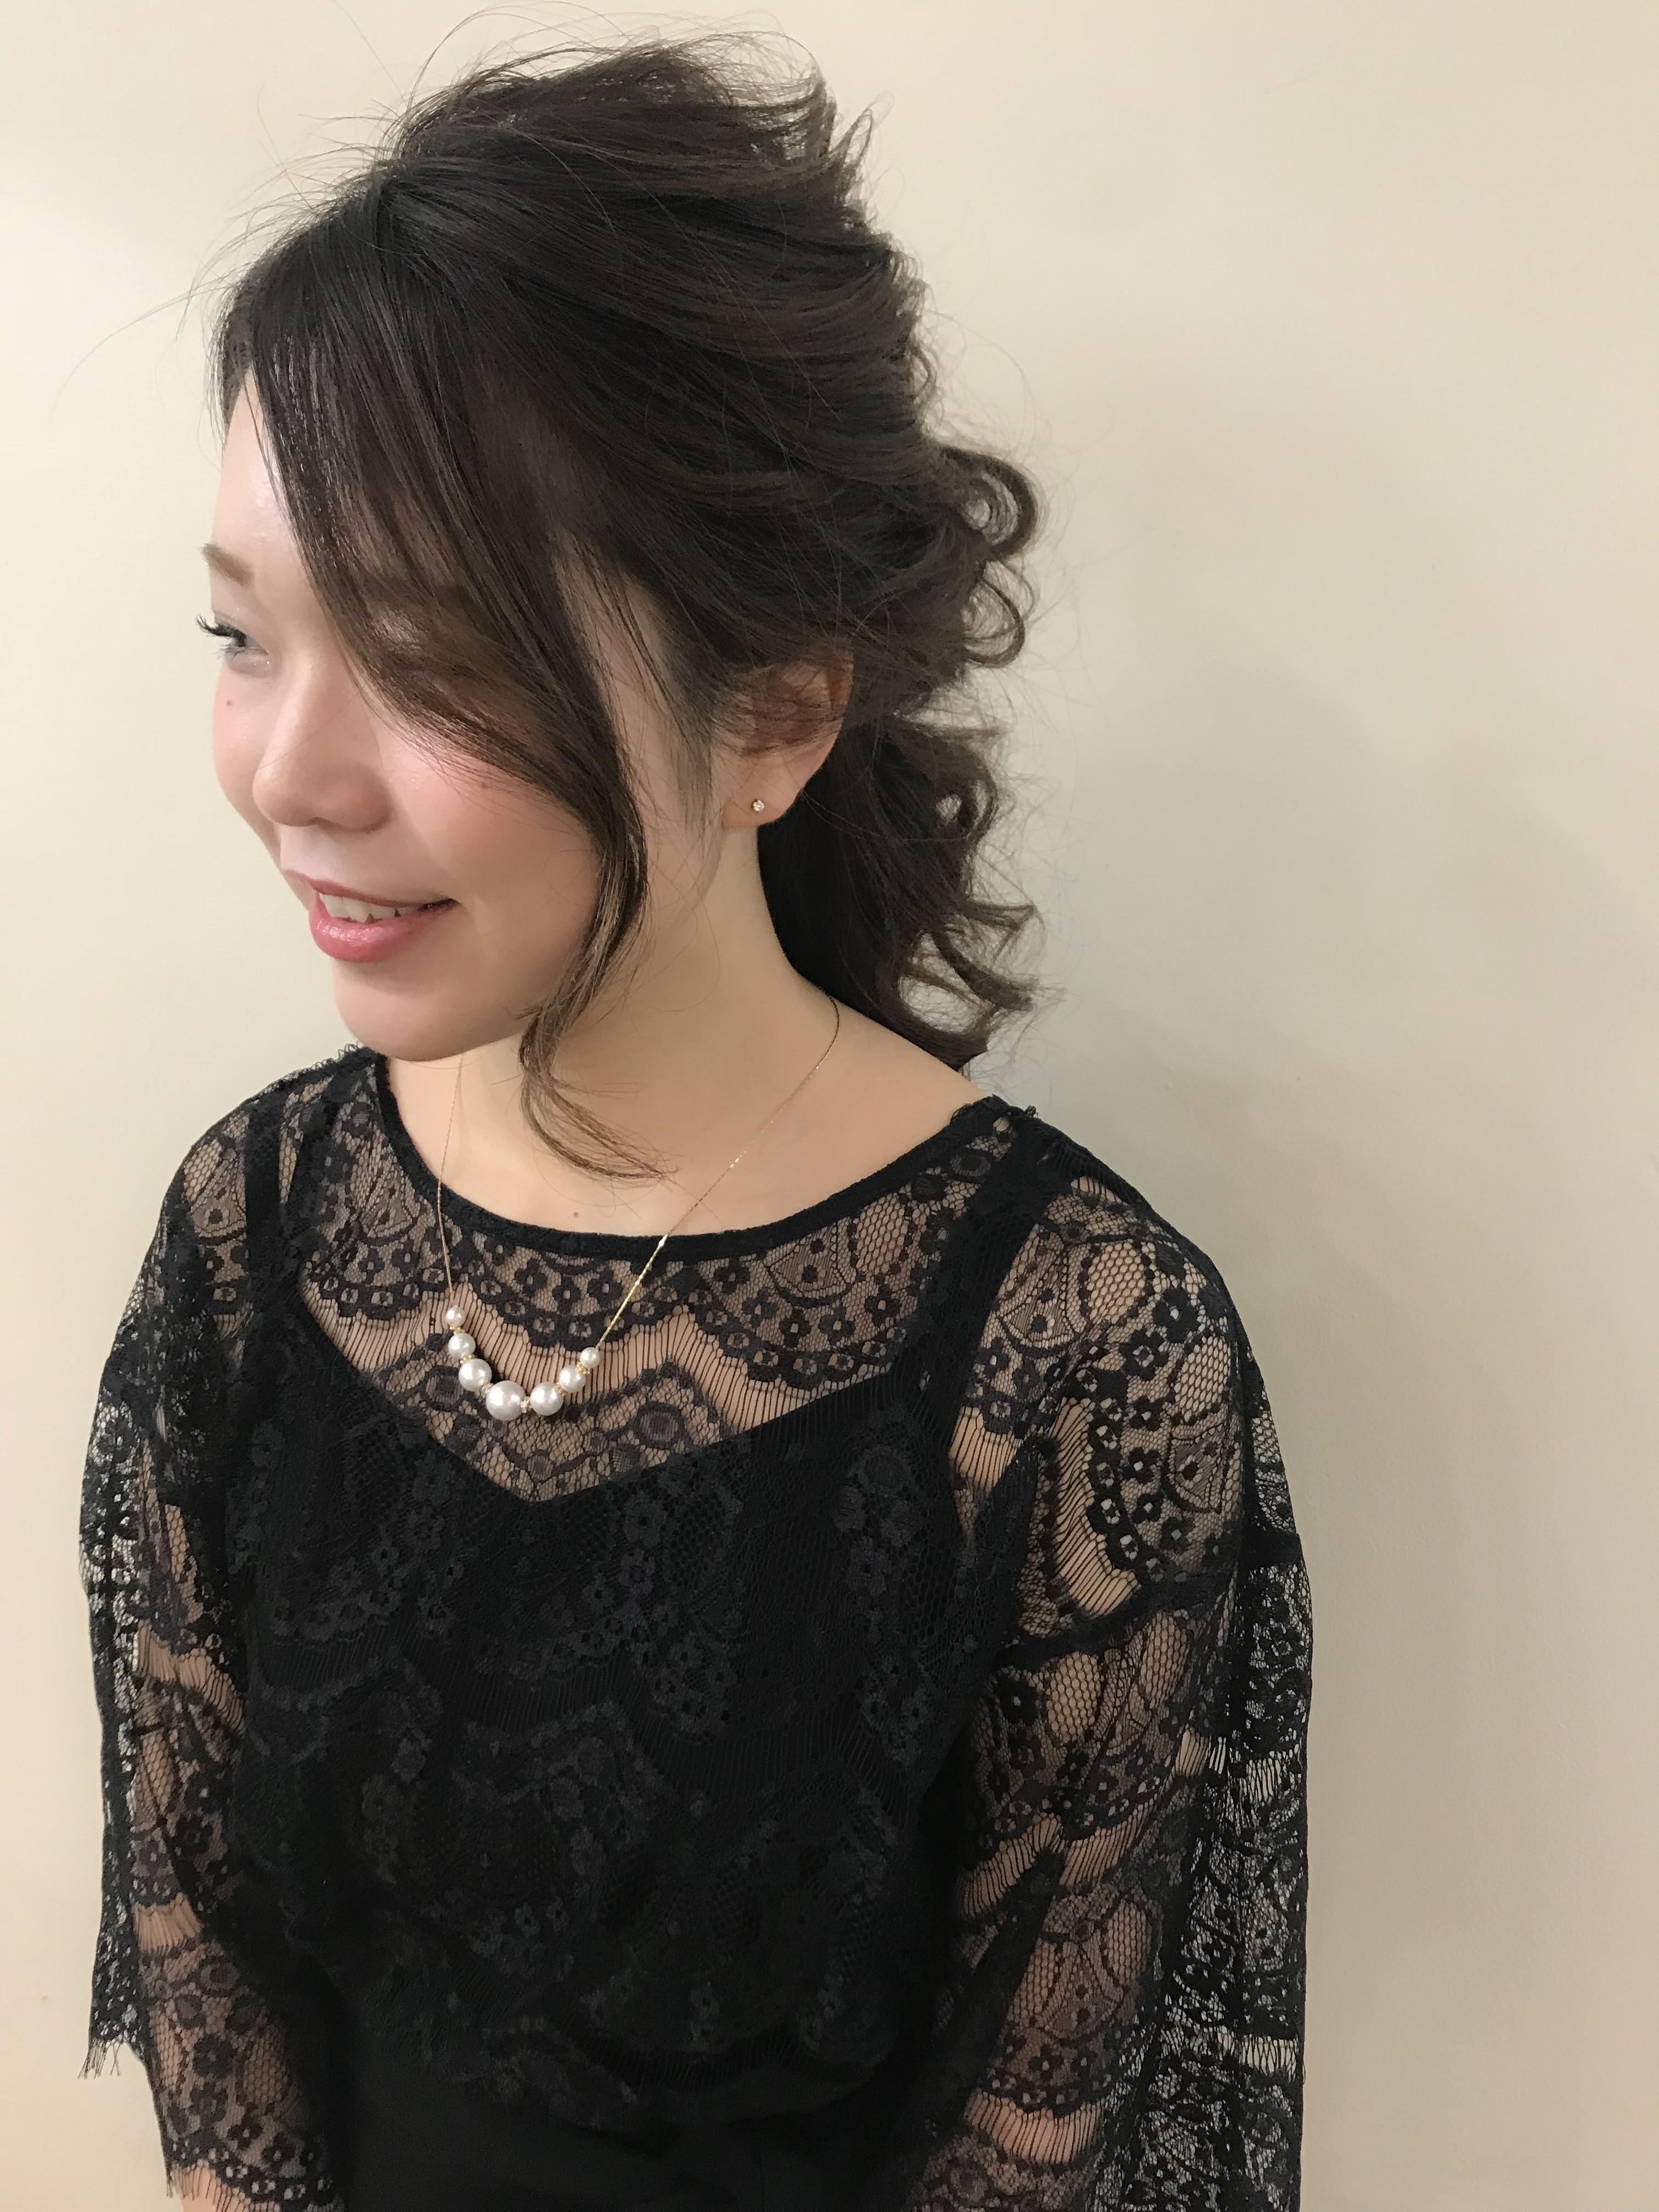 yumiko/sapporoSKNOW